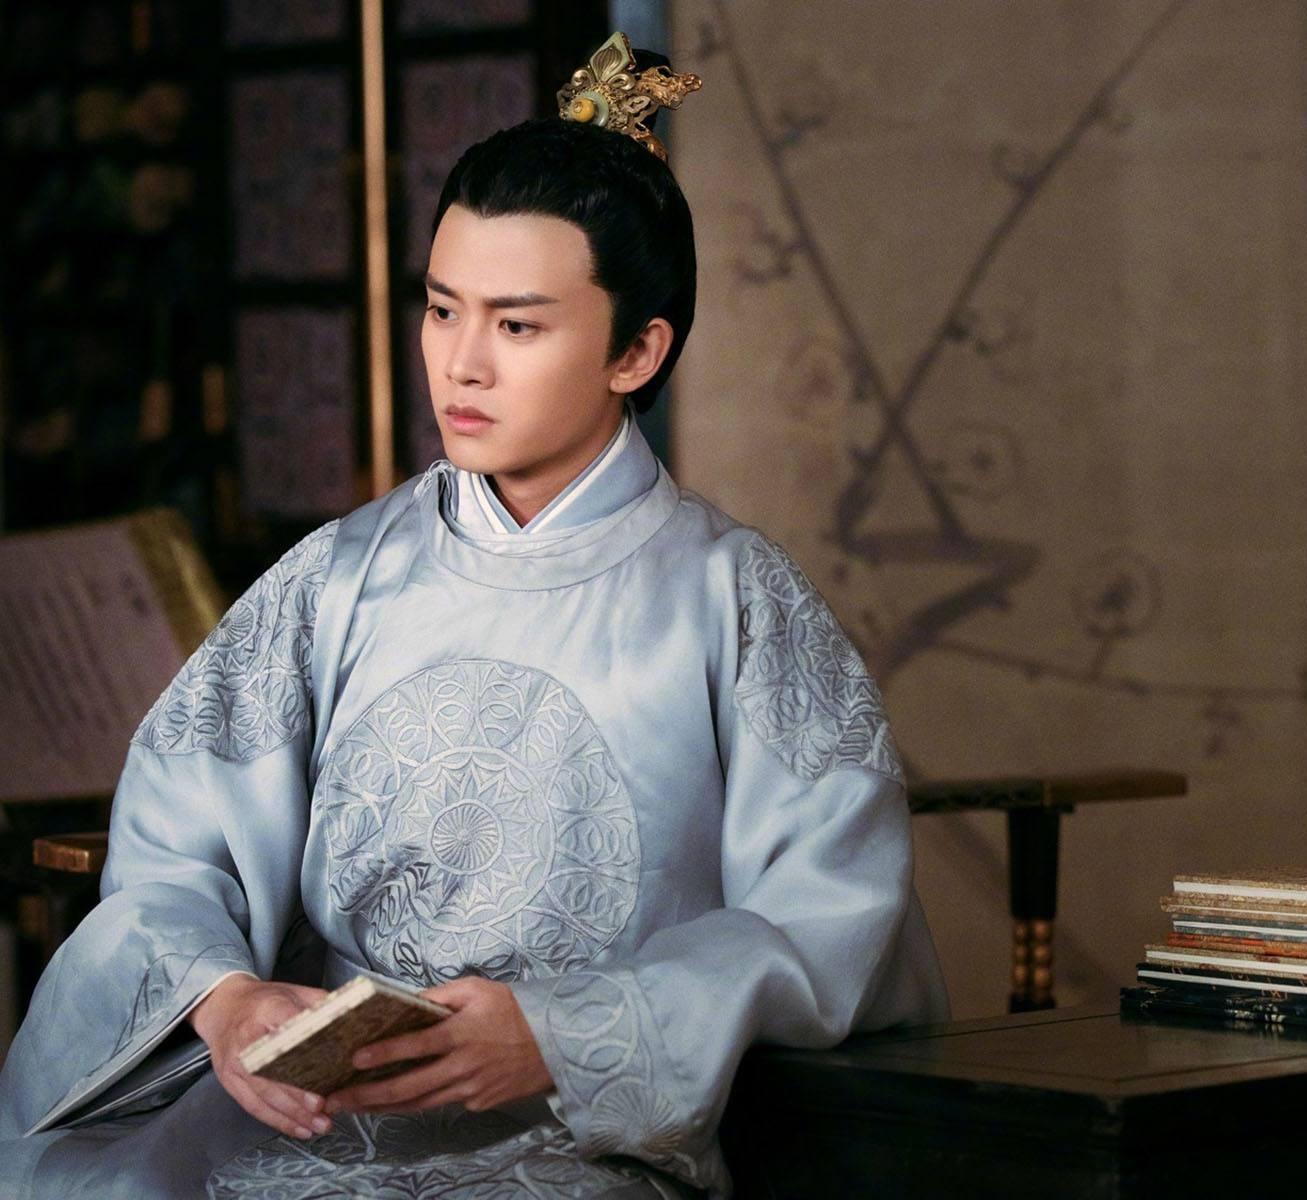 唐朝唯一一位以皇太叔身份繼位的人,若他長壽,大唐可期_李忱